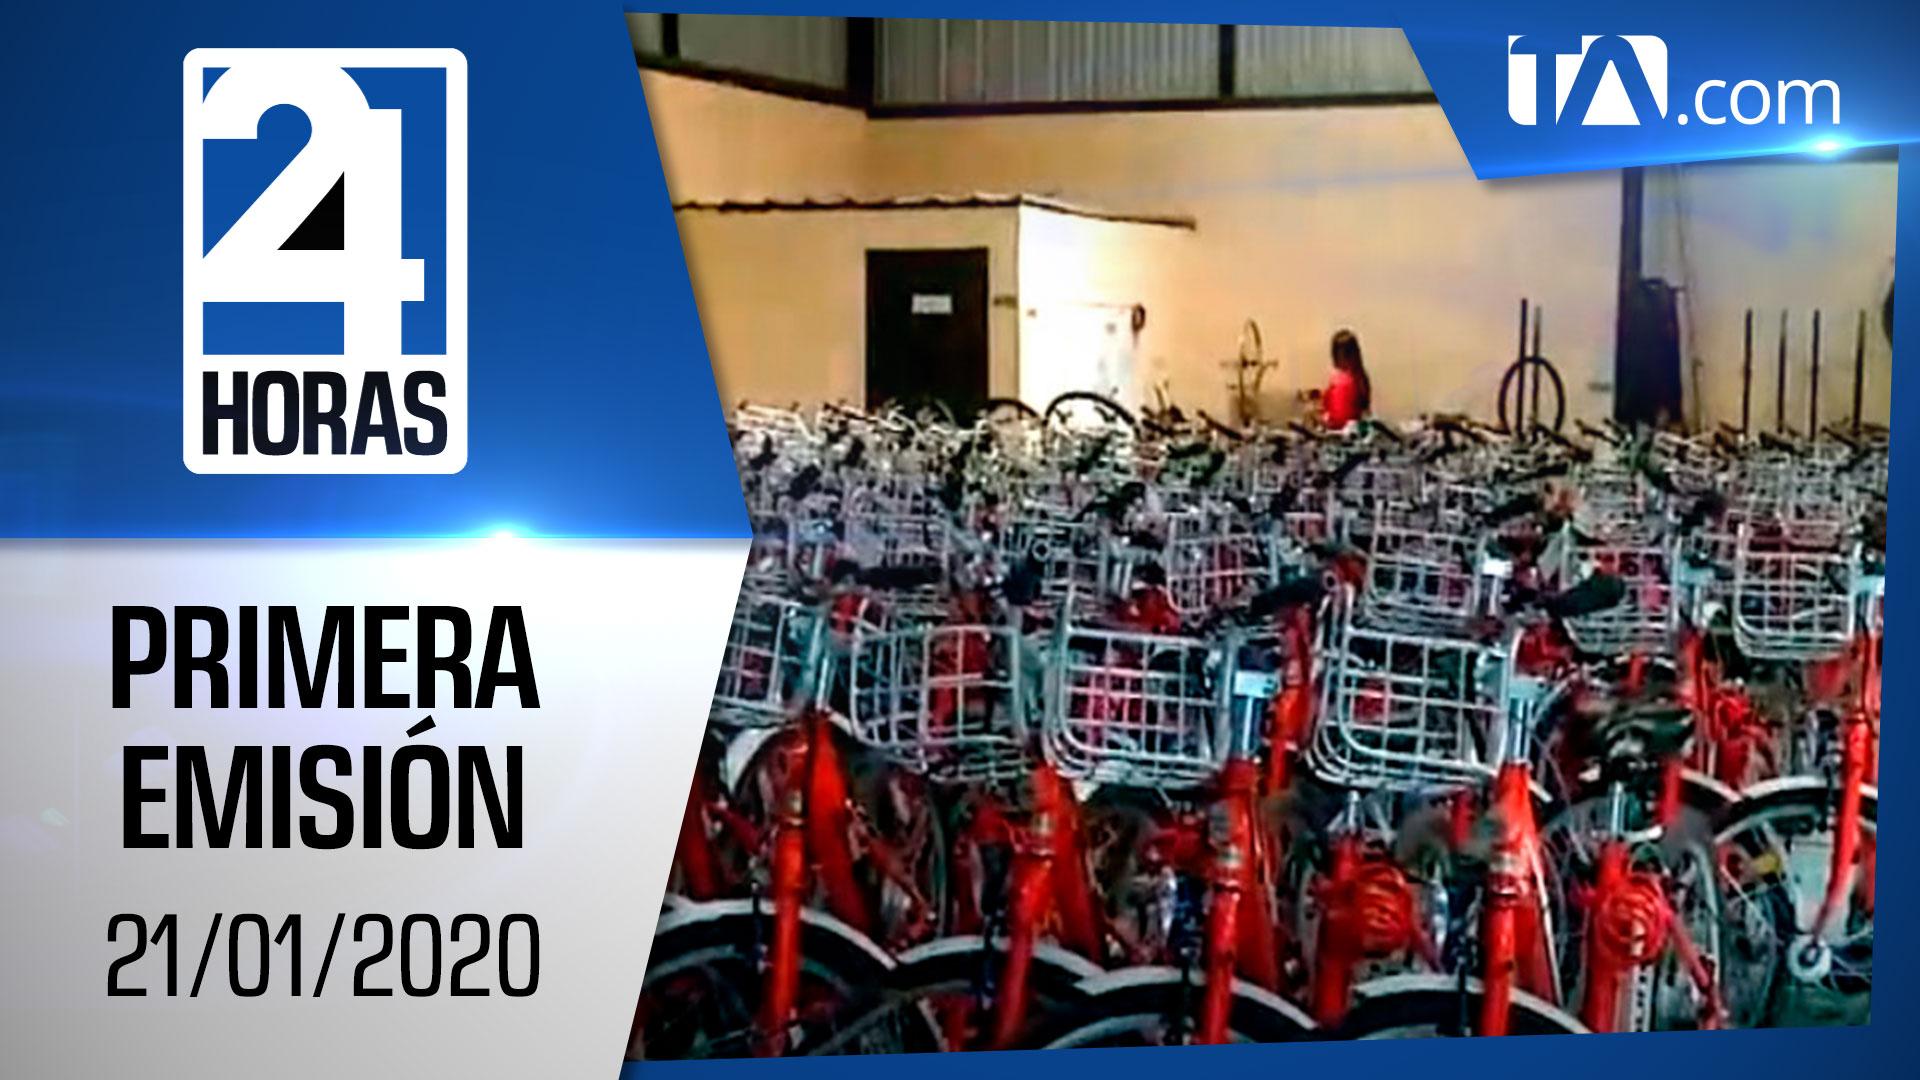 Noticias Ecuador: Noticiero 24 Horas 21/01/2020 (Primera Emisión)